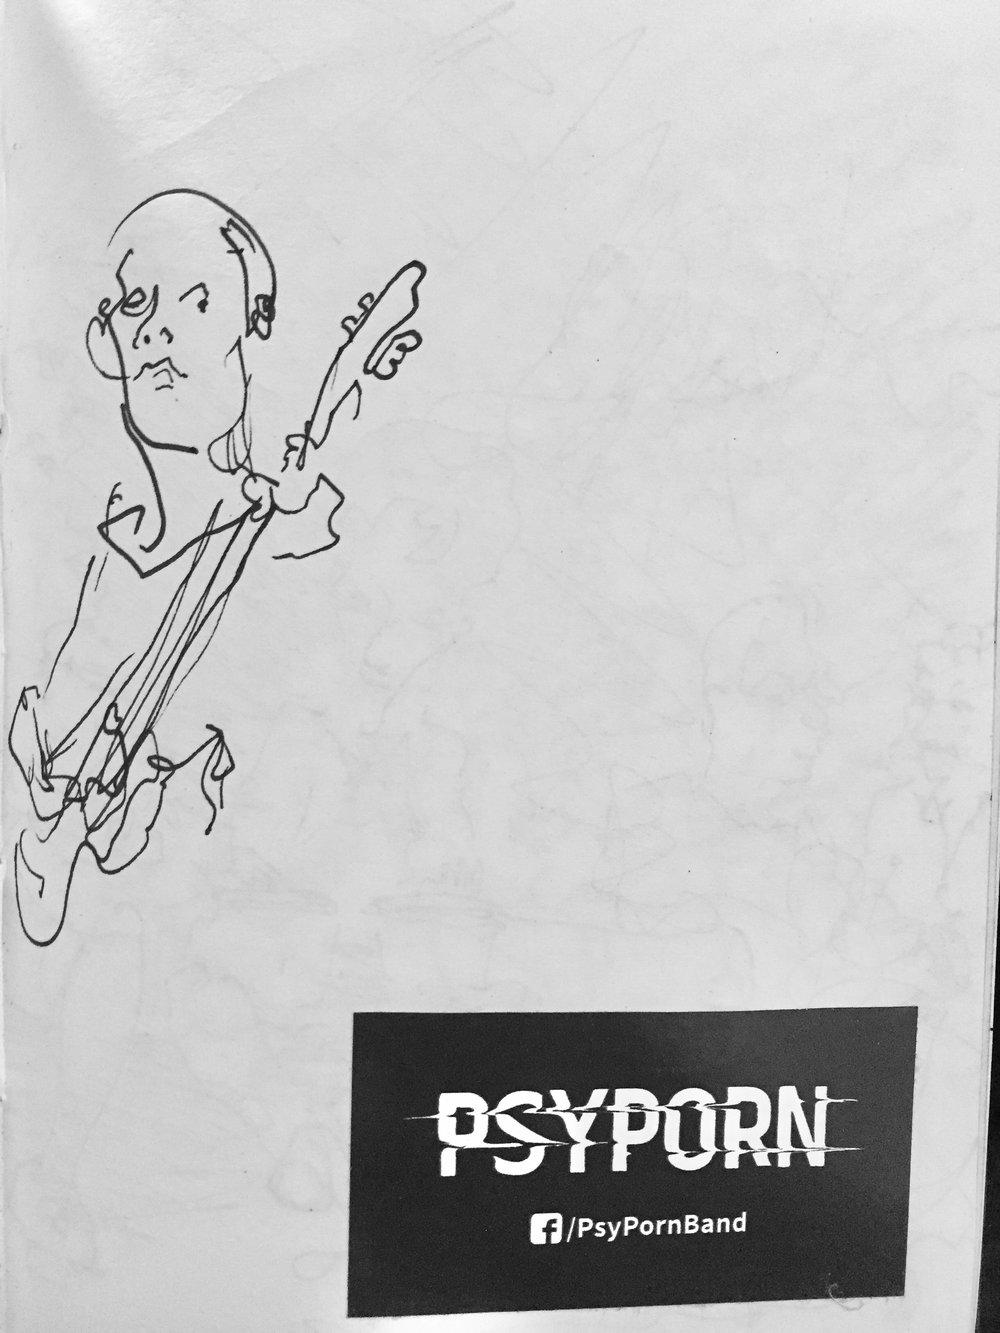 Psyporn